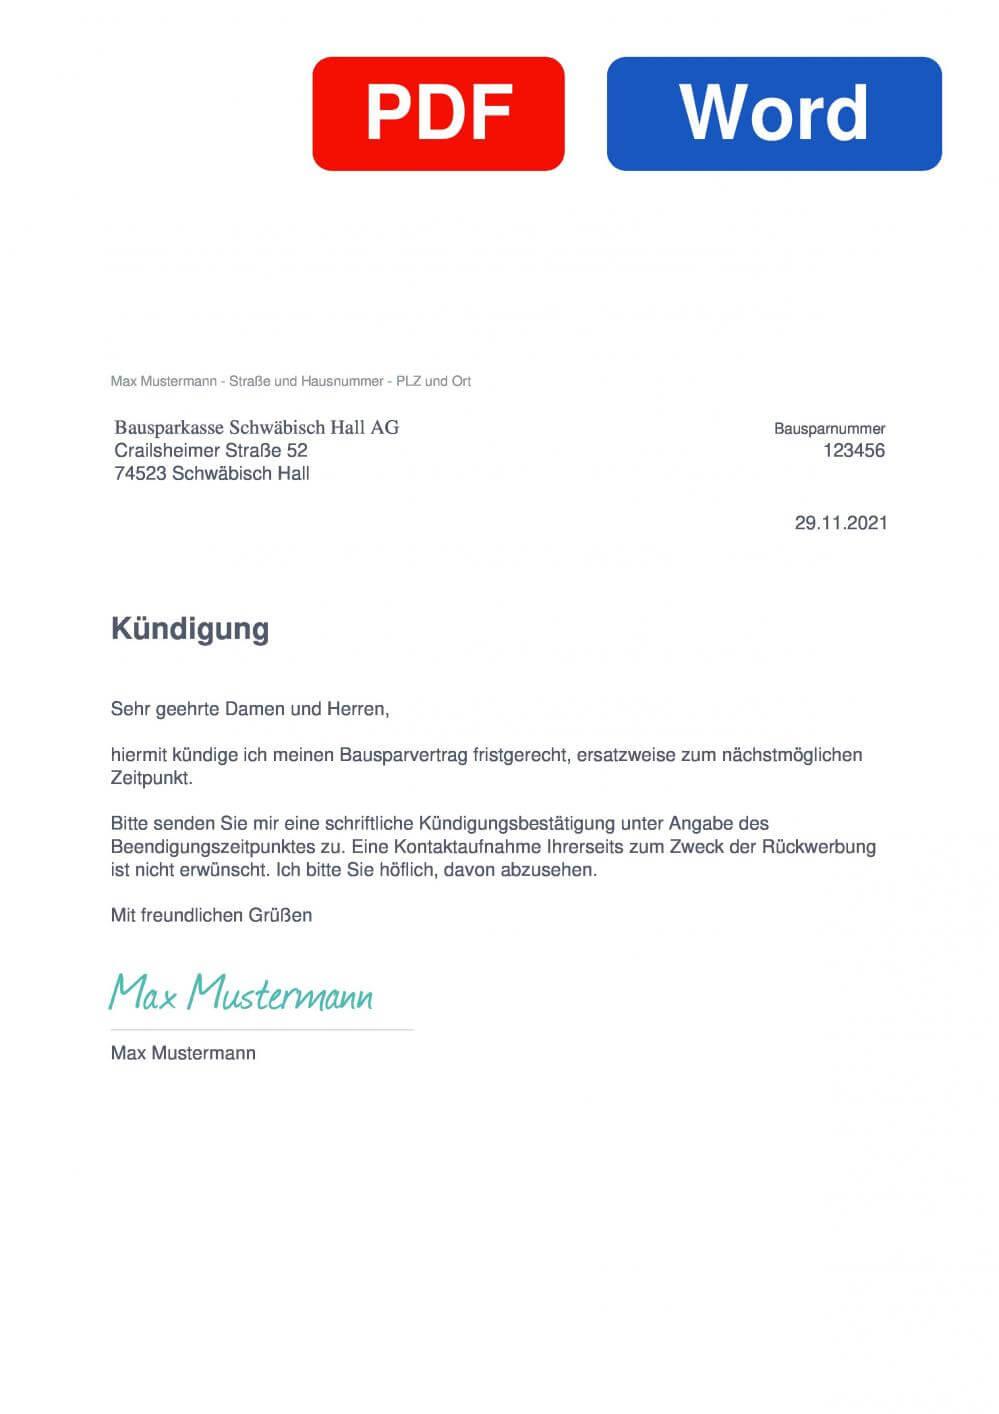 Schwäbisch Hall Bausparkasse Muster Vorlage für Kündigungsschreiben